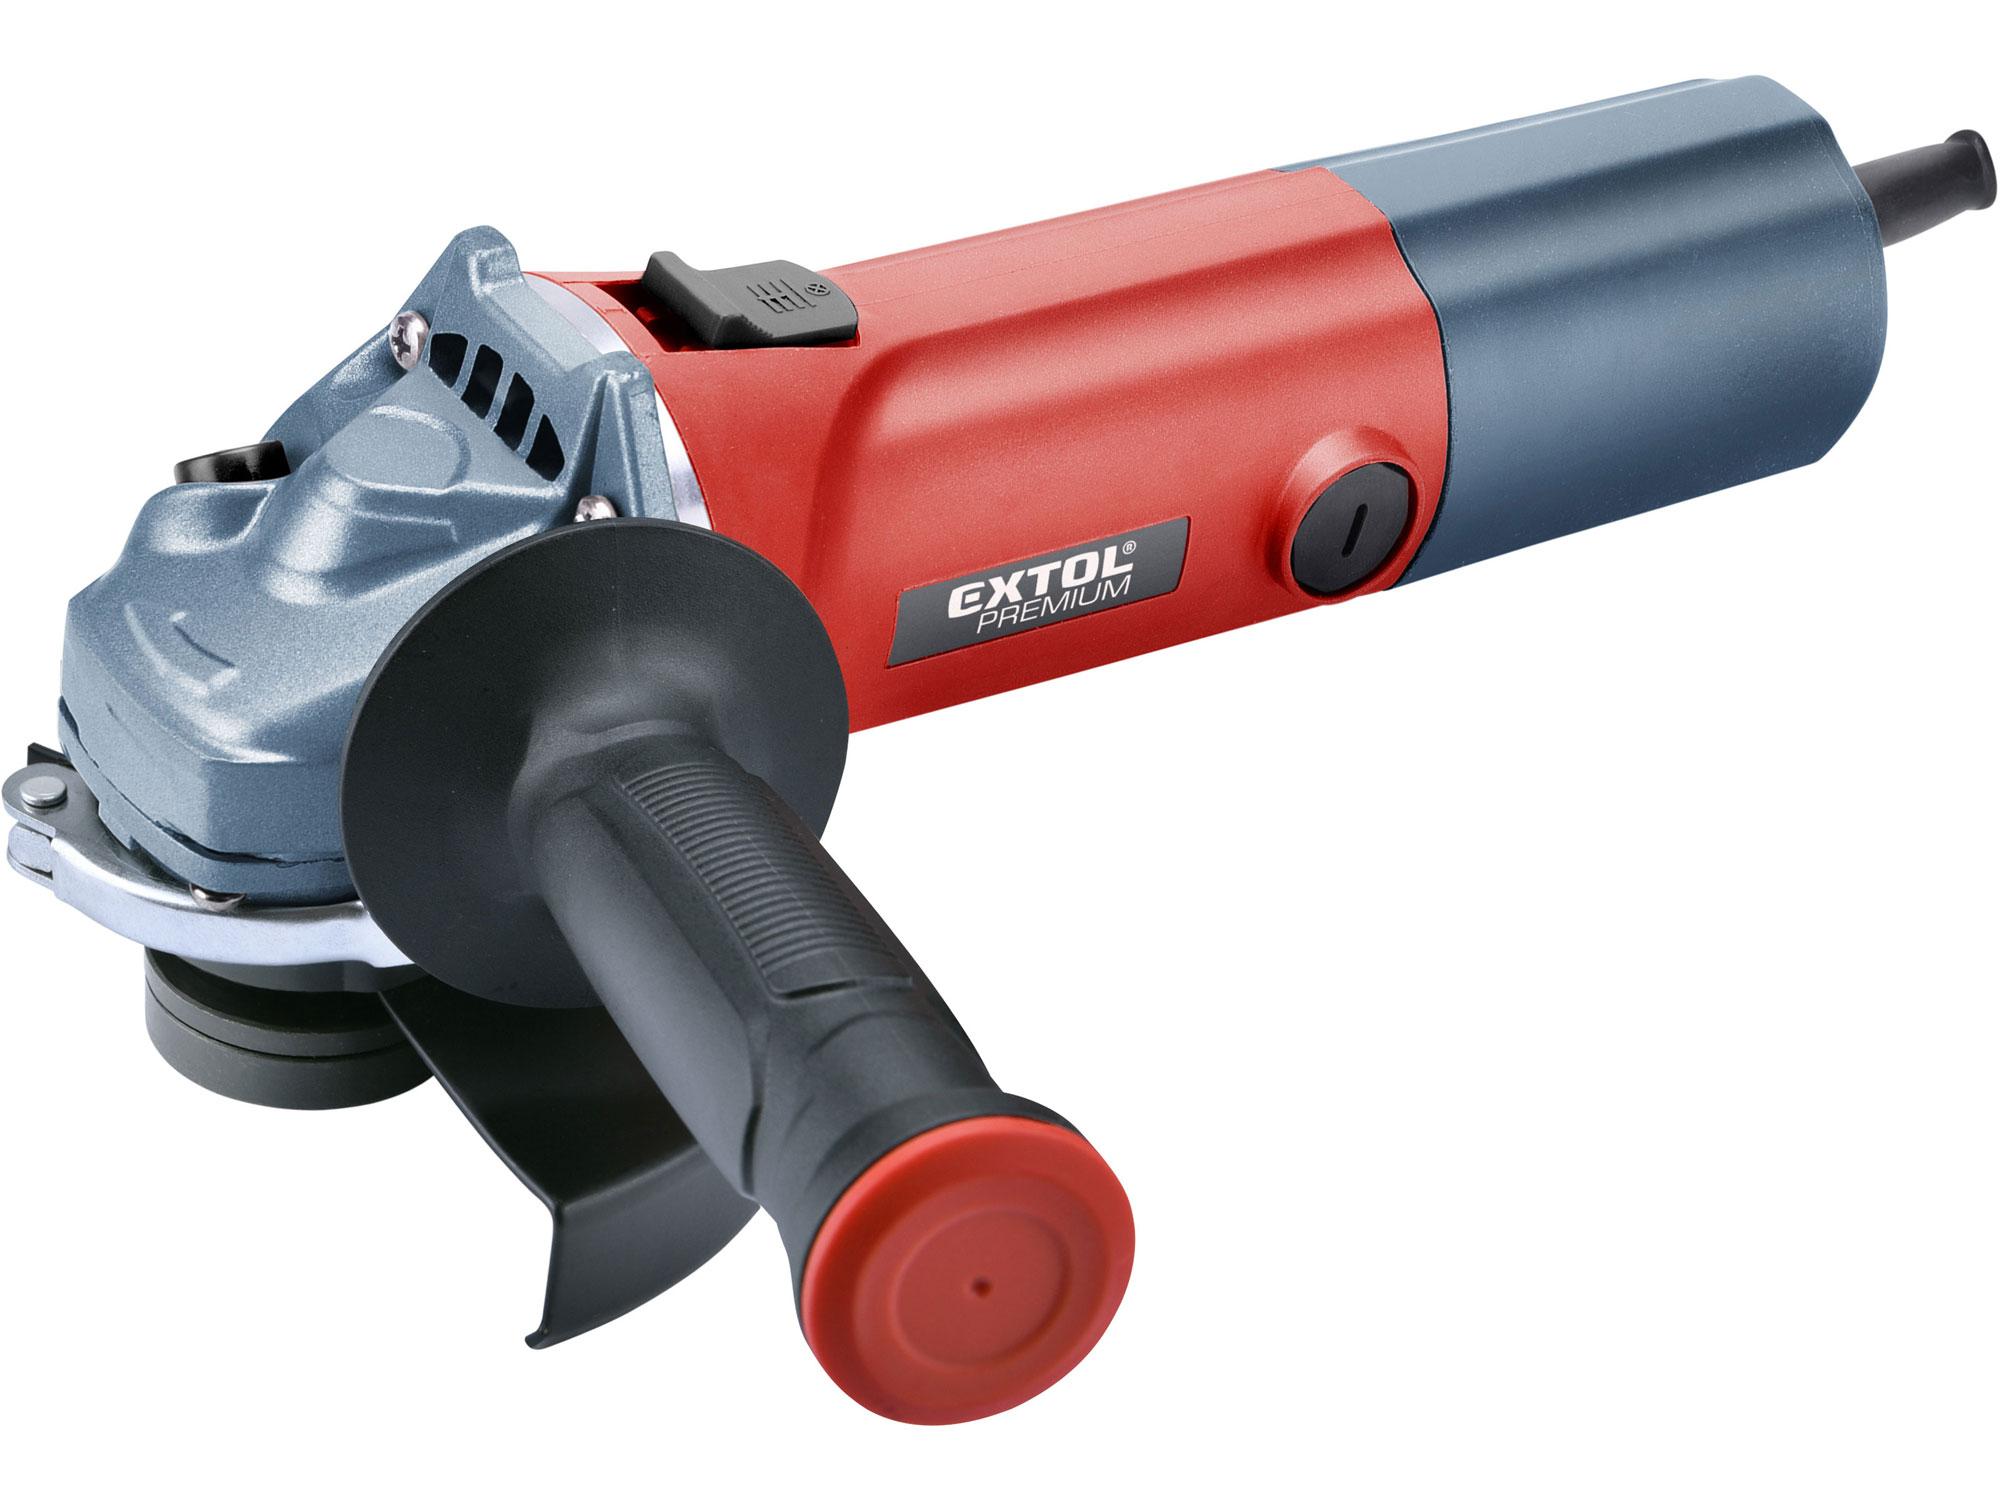 Bruska úhlová s regulací rychlosti, 125mm, 850W EXTOL PREMIUM 8892014